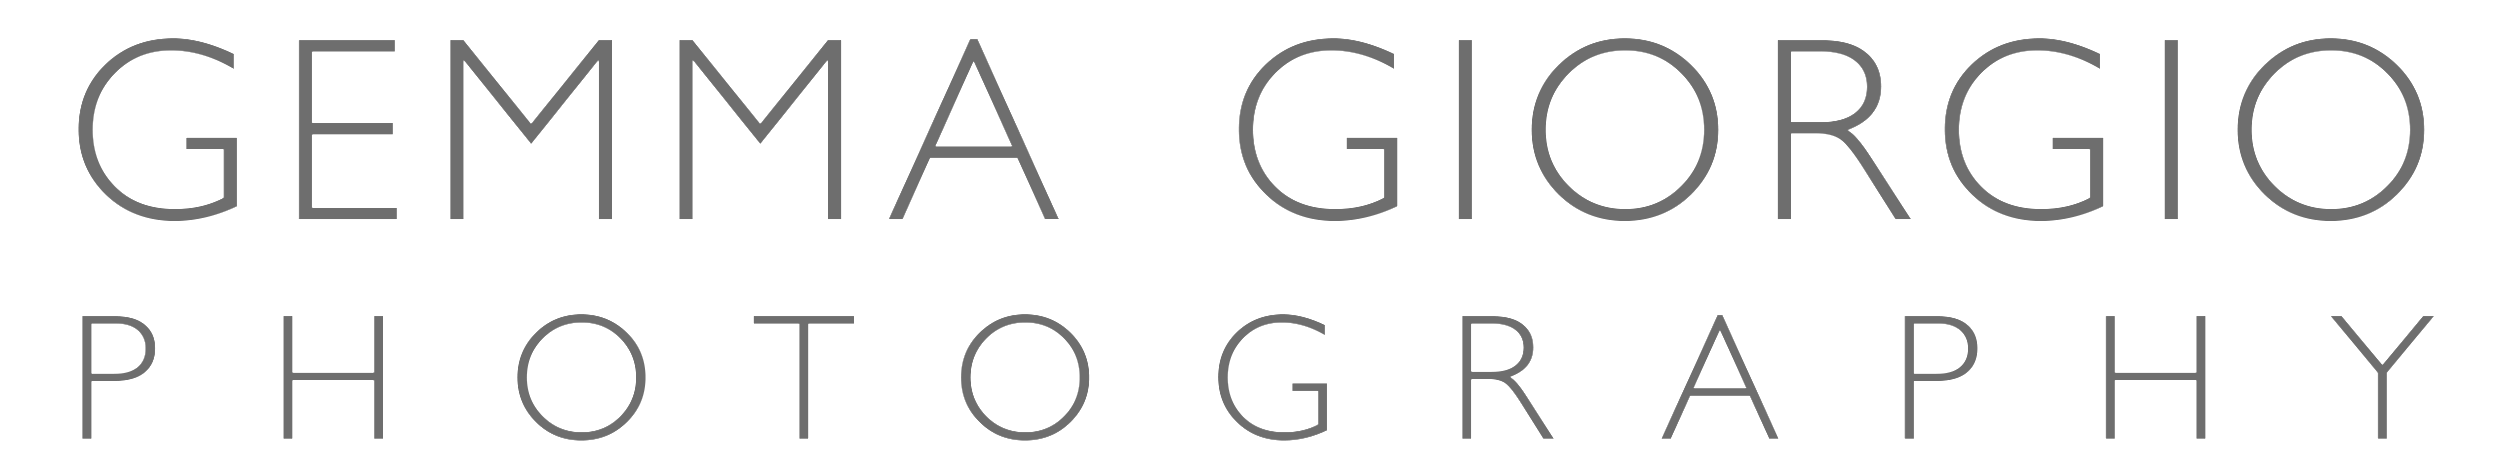 Gemma Giorgio Photography Logo.png